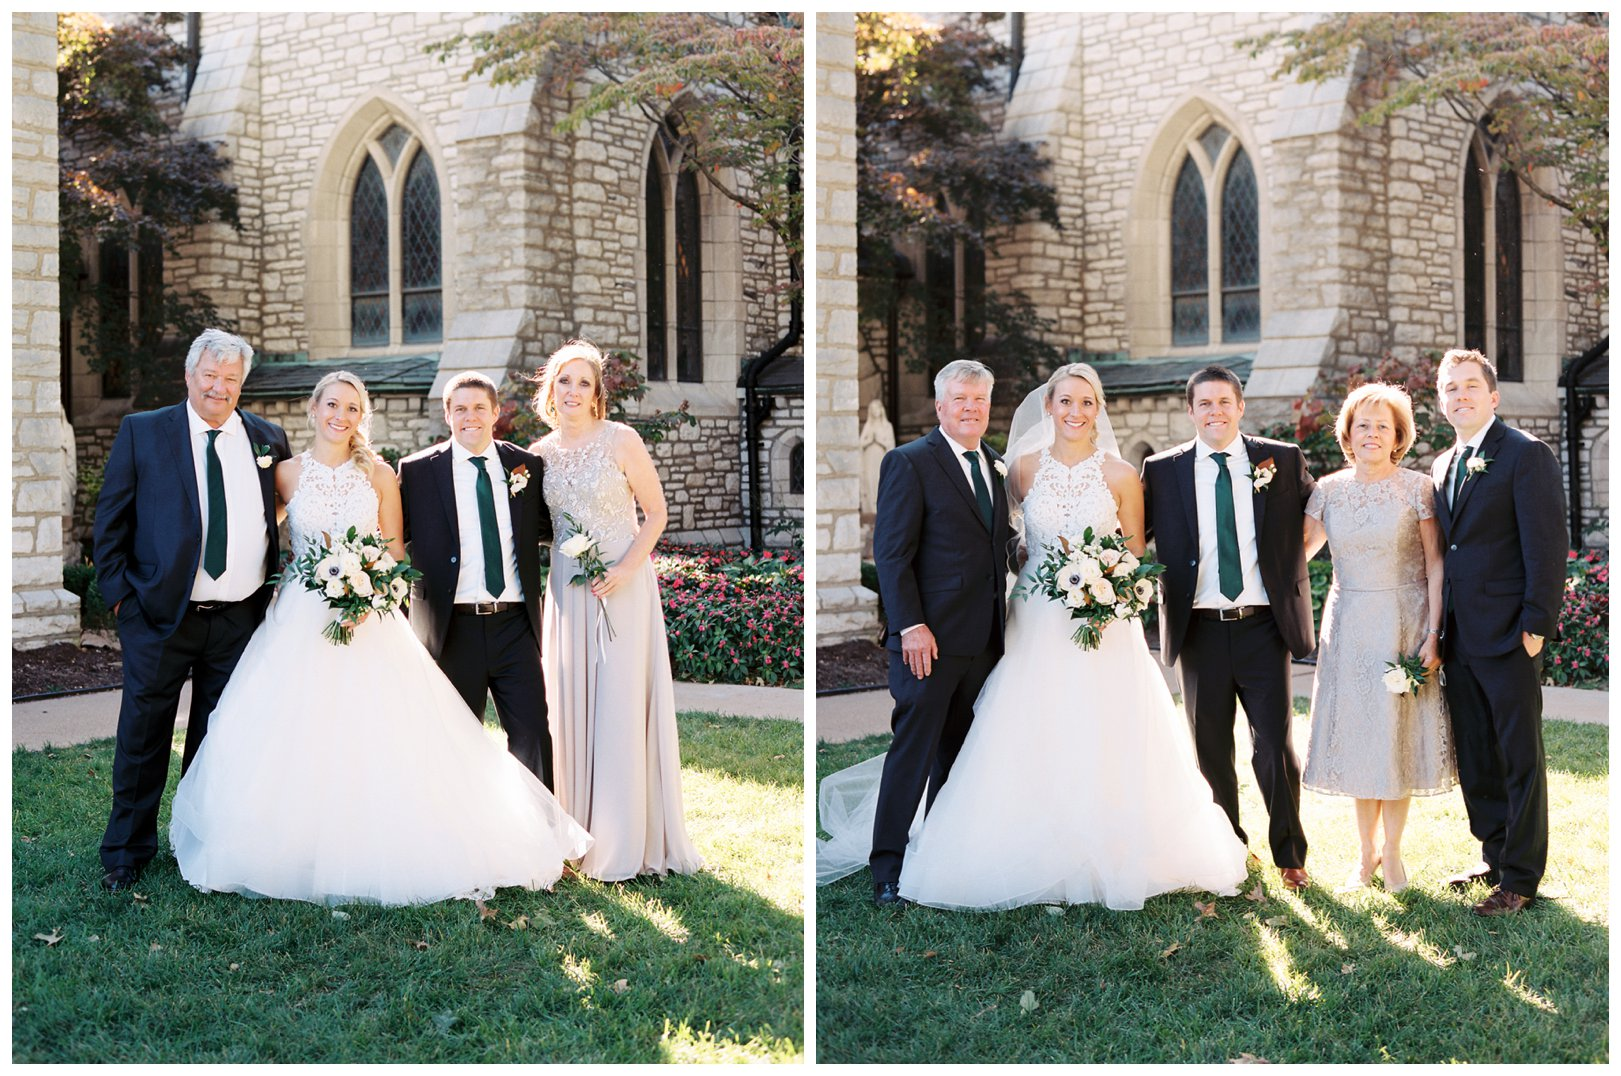 lauren muckler photography_fine art film wedding photography_st louis_photography_2425.jpg